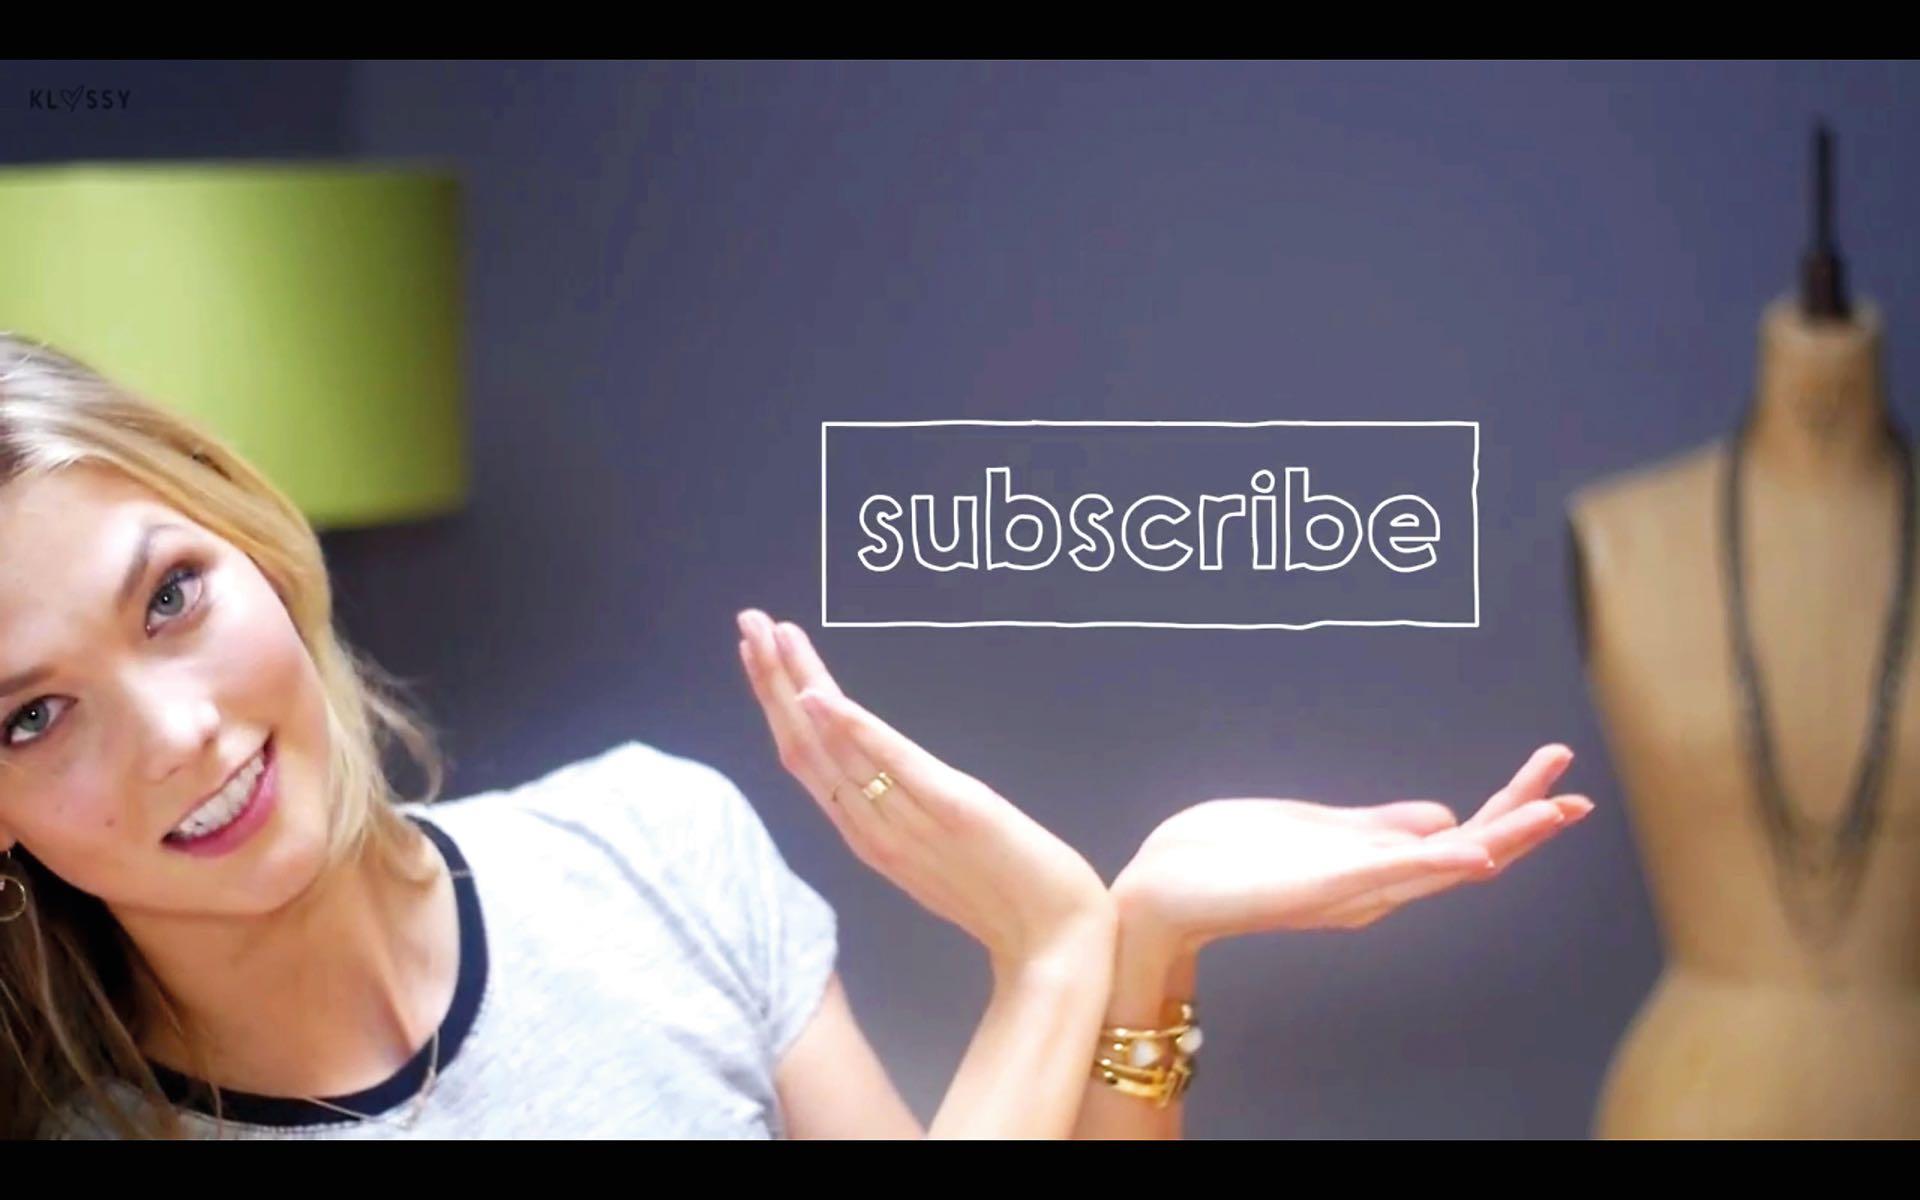 La modelo Karlie Kloss que tiene miles de seguidores en Instagram, también cuenta con su canal de YouTube: Klossy.